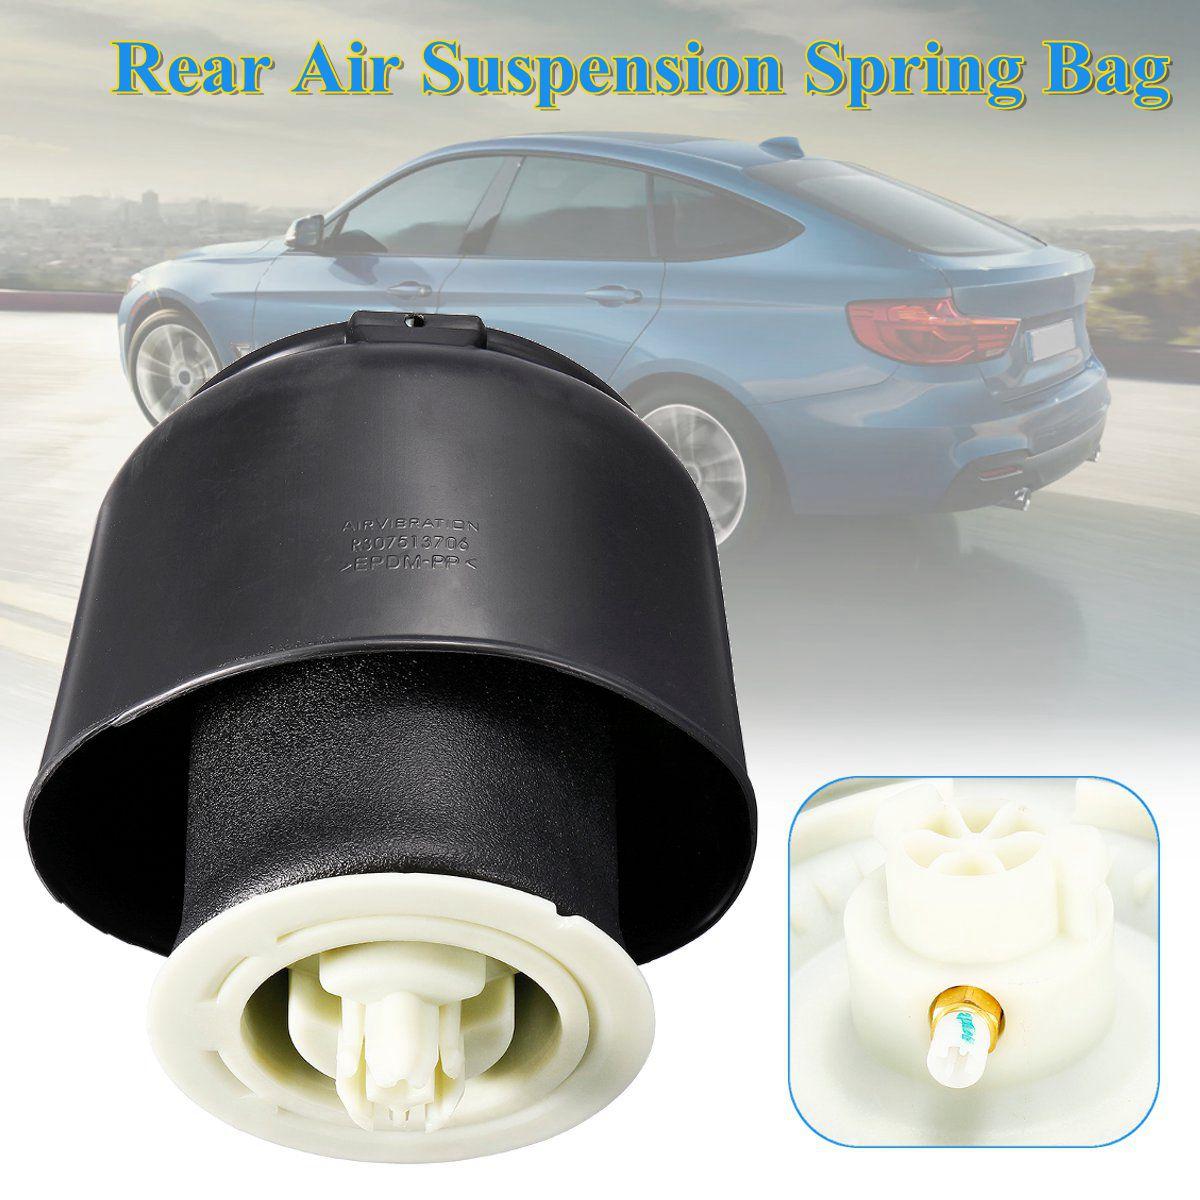 Nouveau sac de soufflet à ressort de Suspension pneumatique arrière avec housse anti-poussière pour BMW F07 GT F10 F11 #37106781827 371067818 37106781828